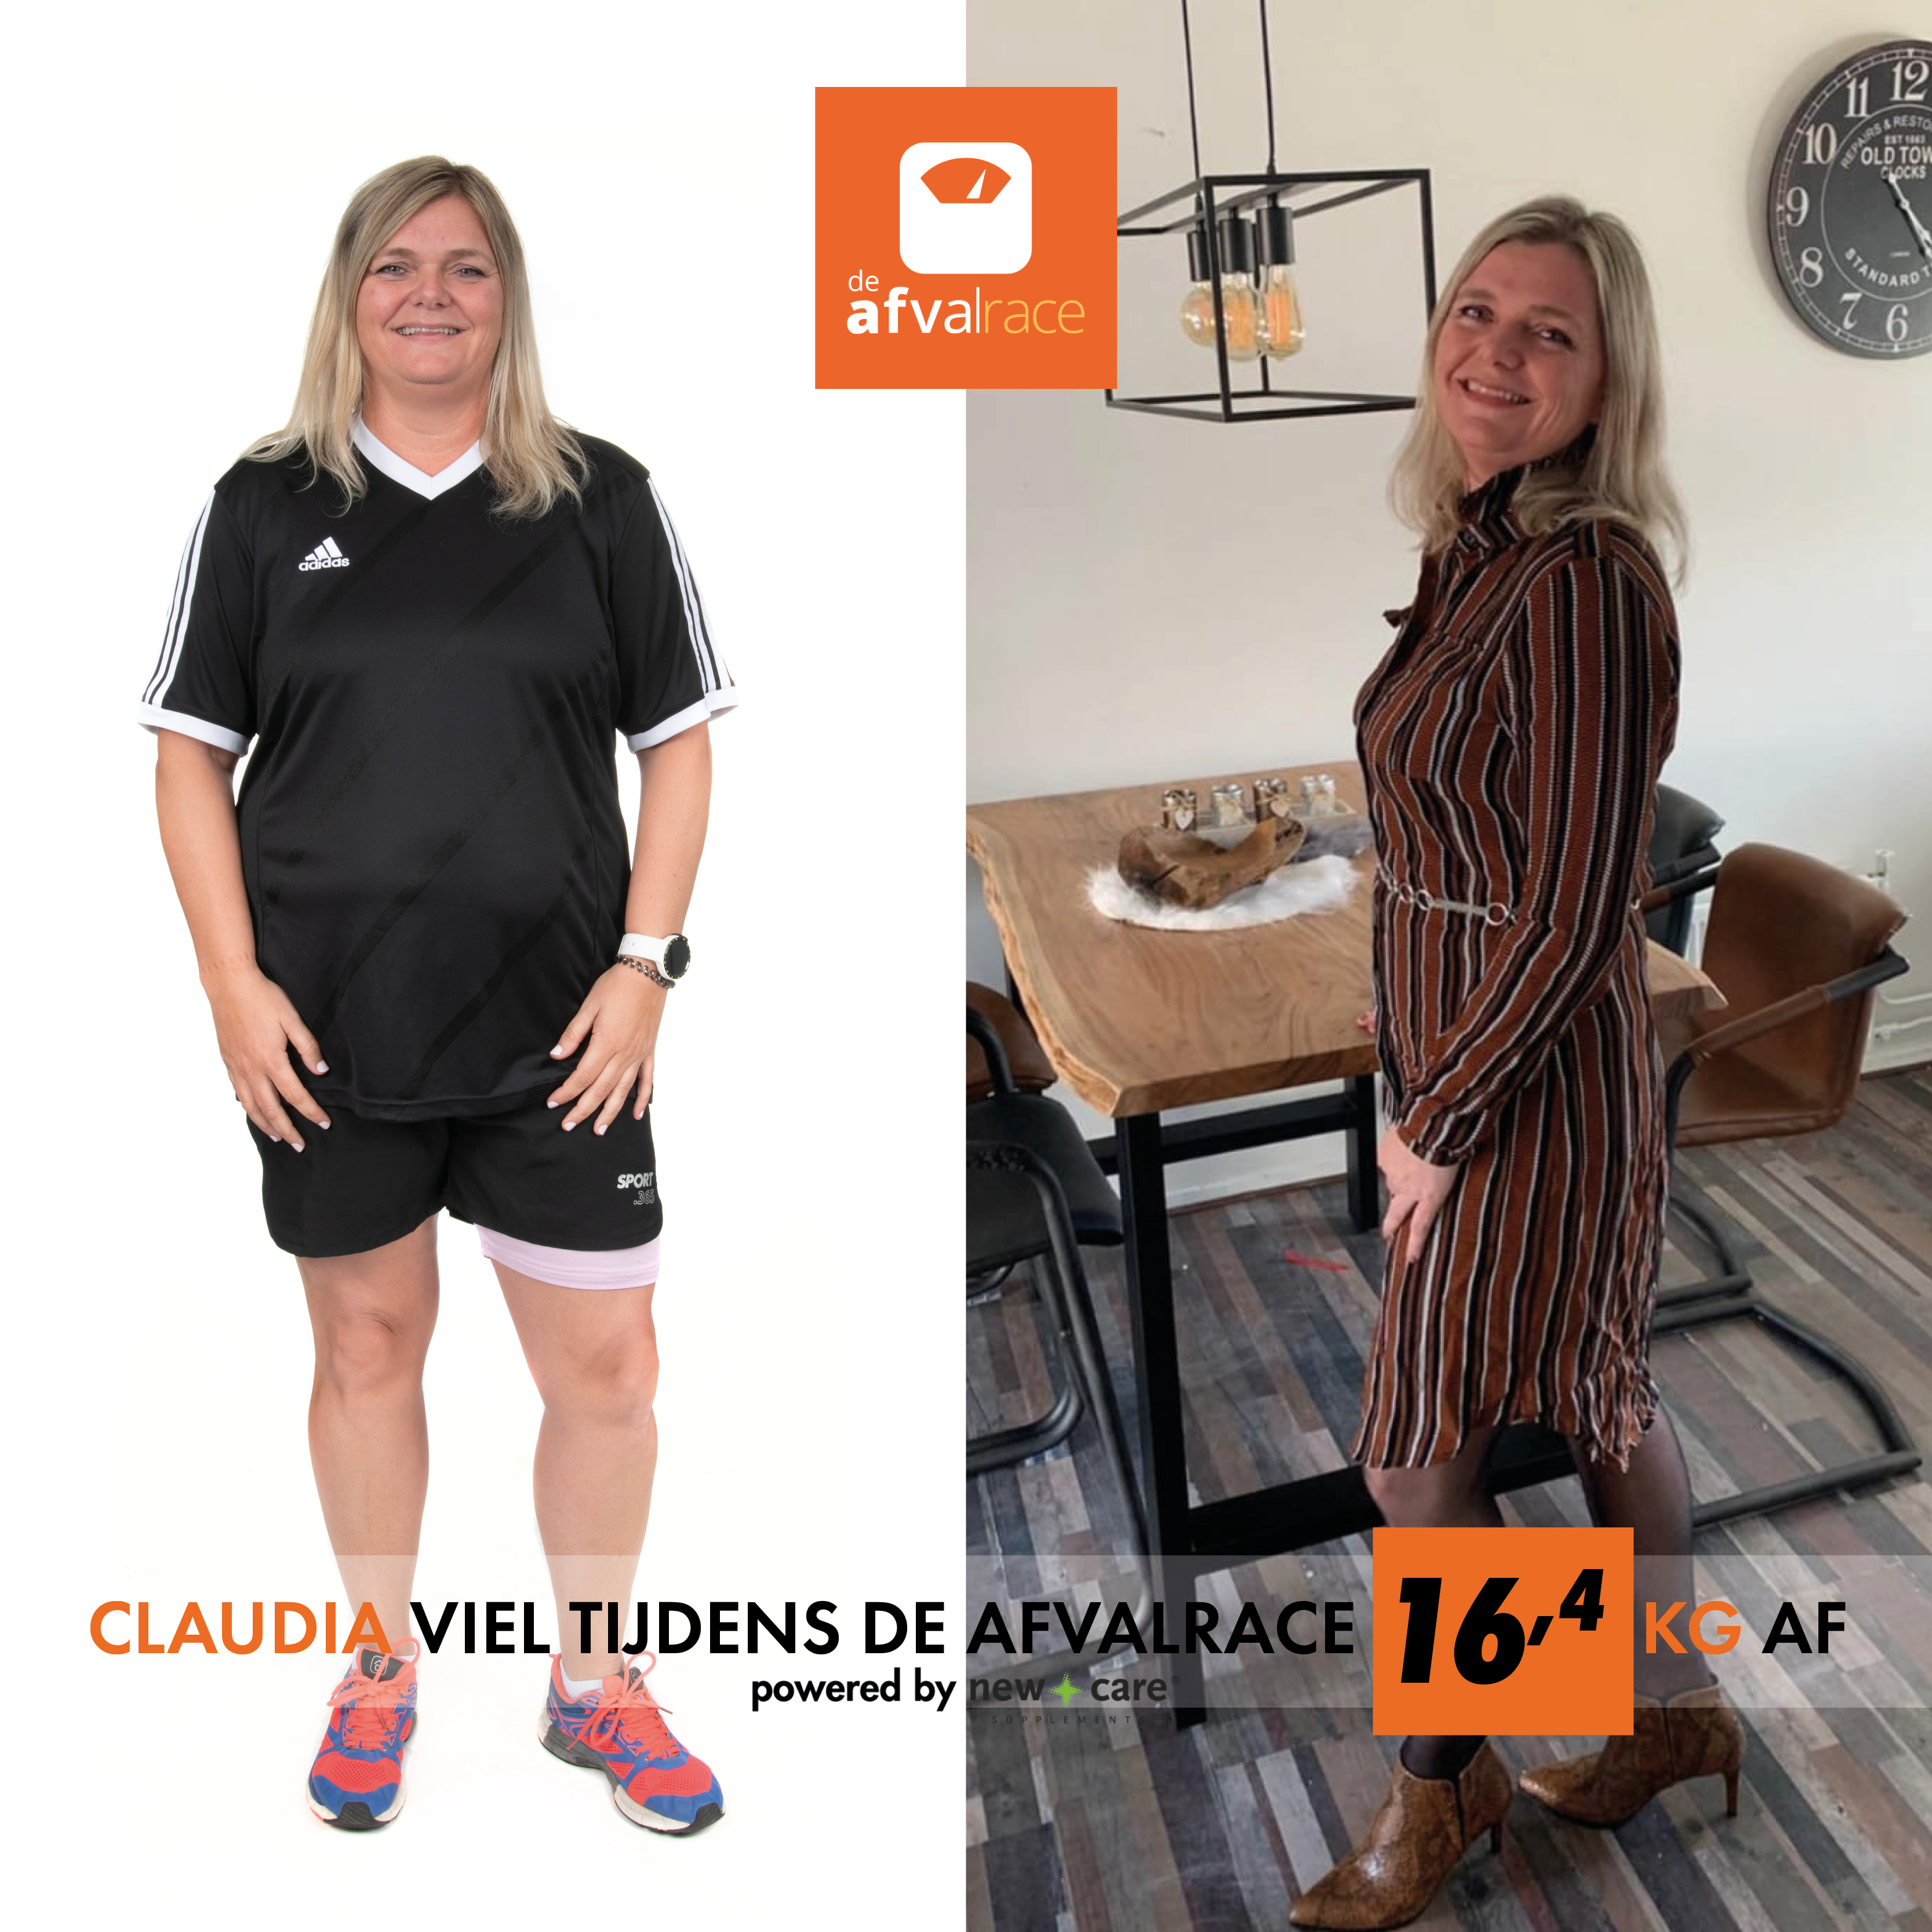 Claudia 16 kg